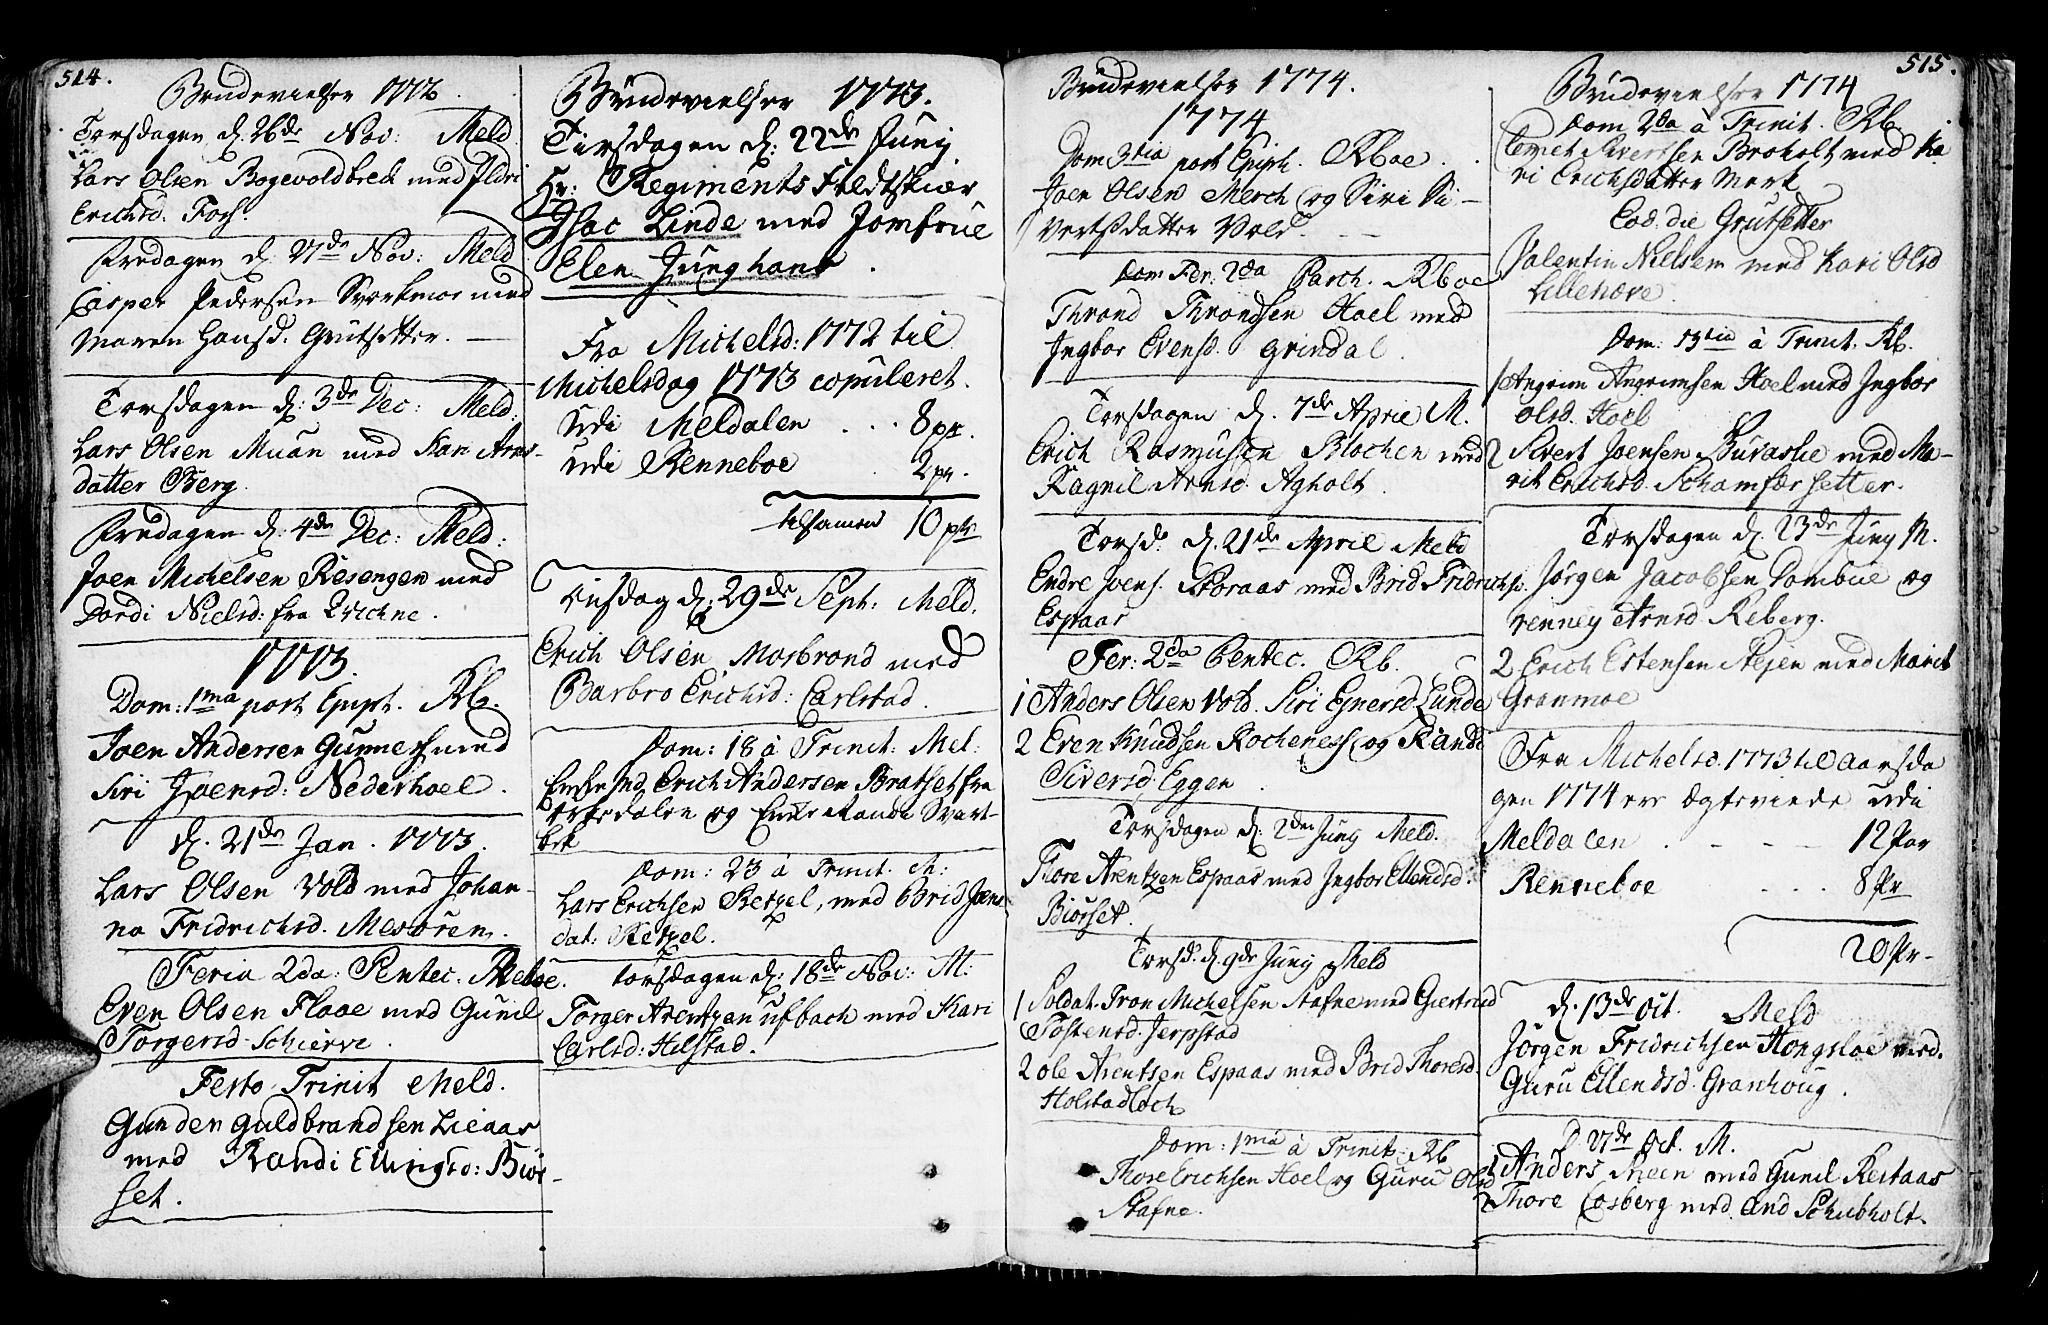 SAT, Ministerialprotokoller, klokkerbøker og fødselsregistre - Sør-Trøndelag, 672/L0851: Ministerialbok nr. 672A04, 1751-1775, s. 514-515